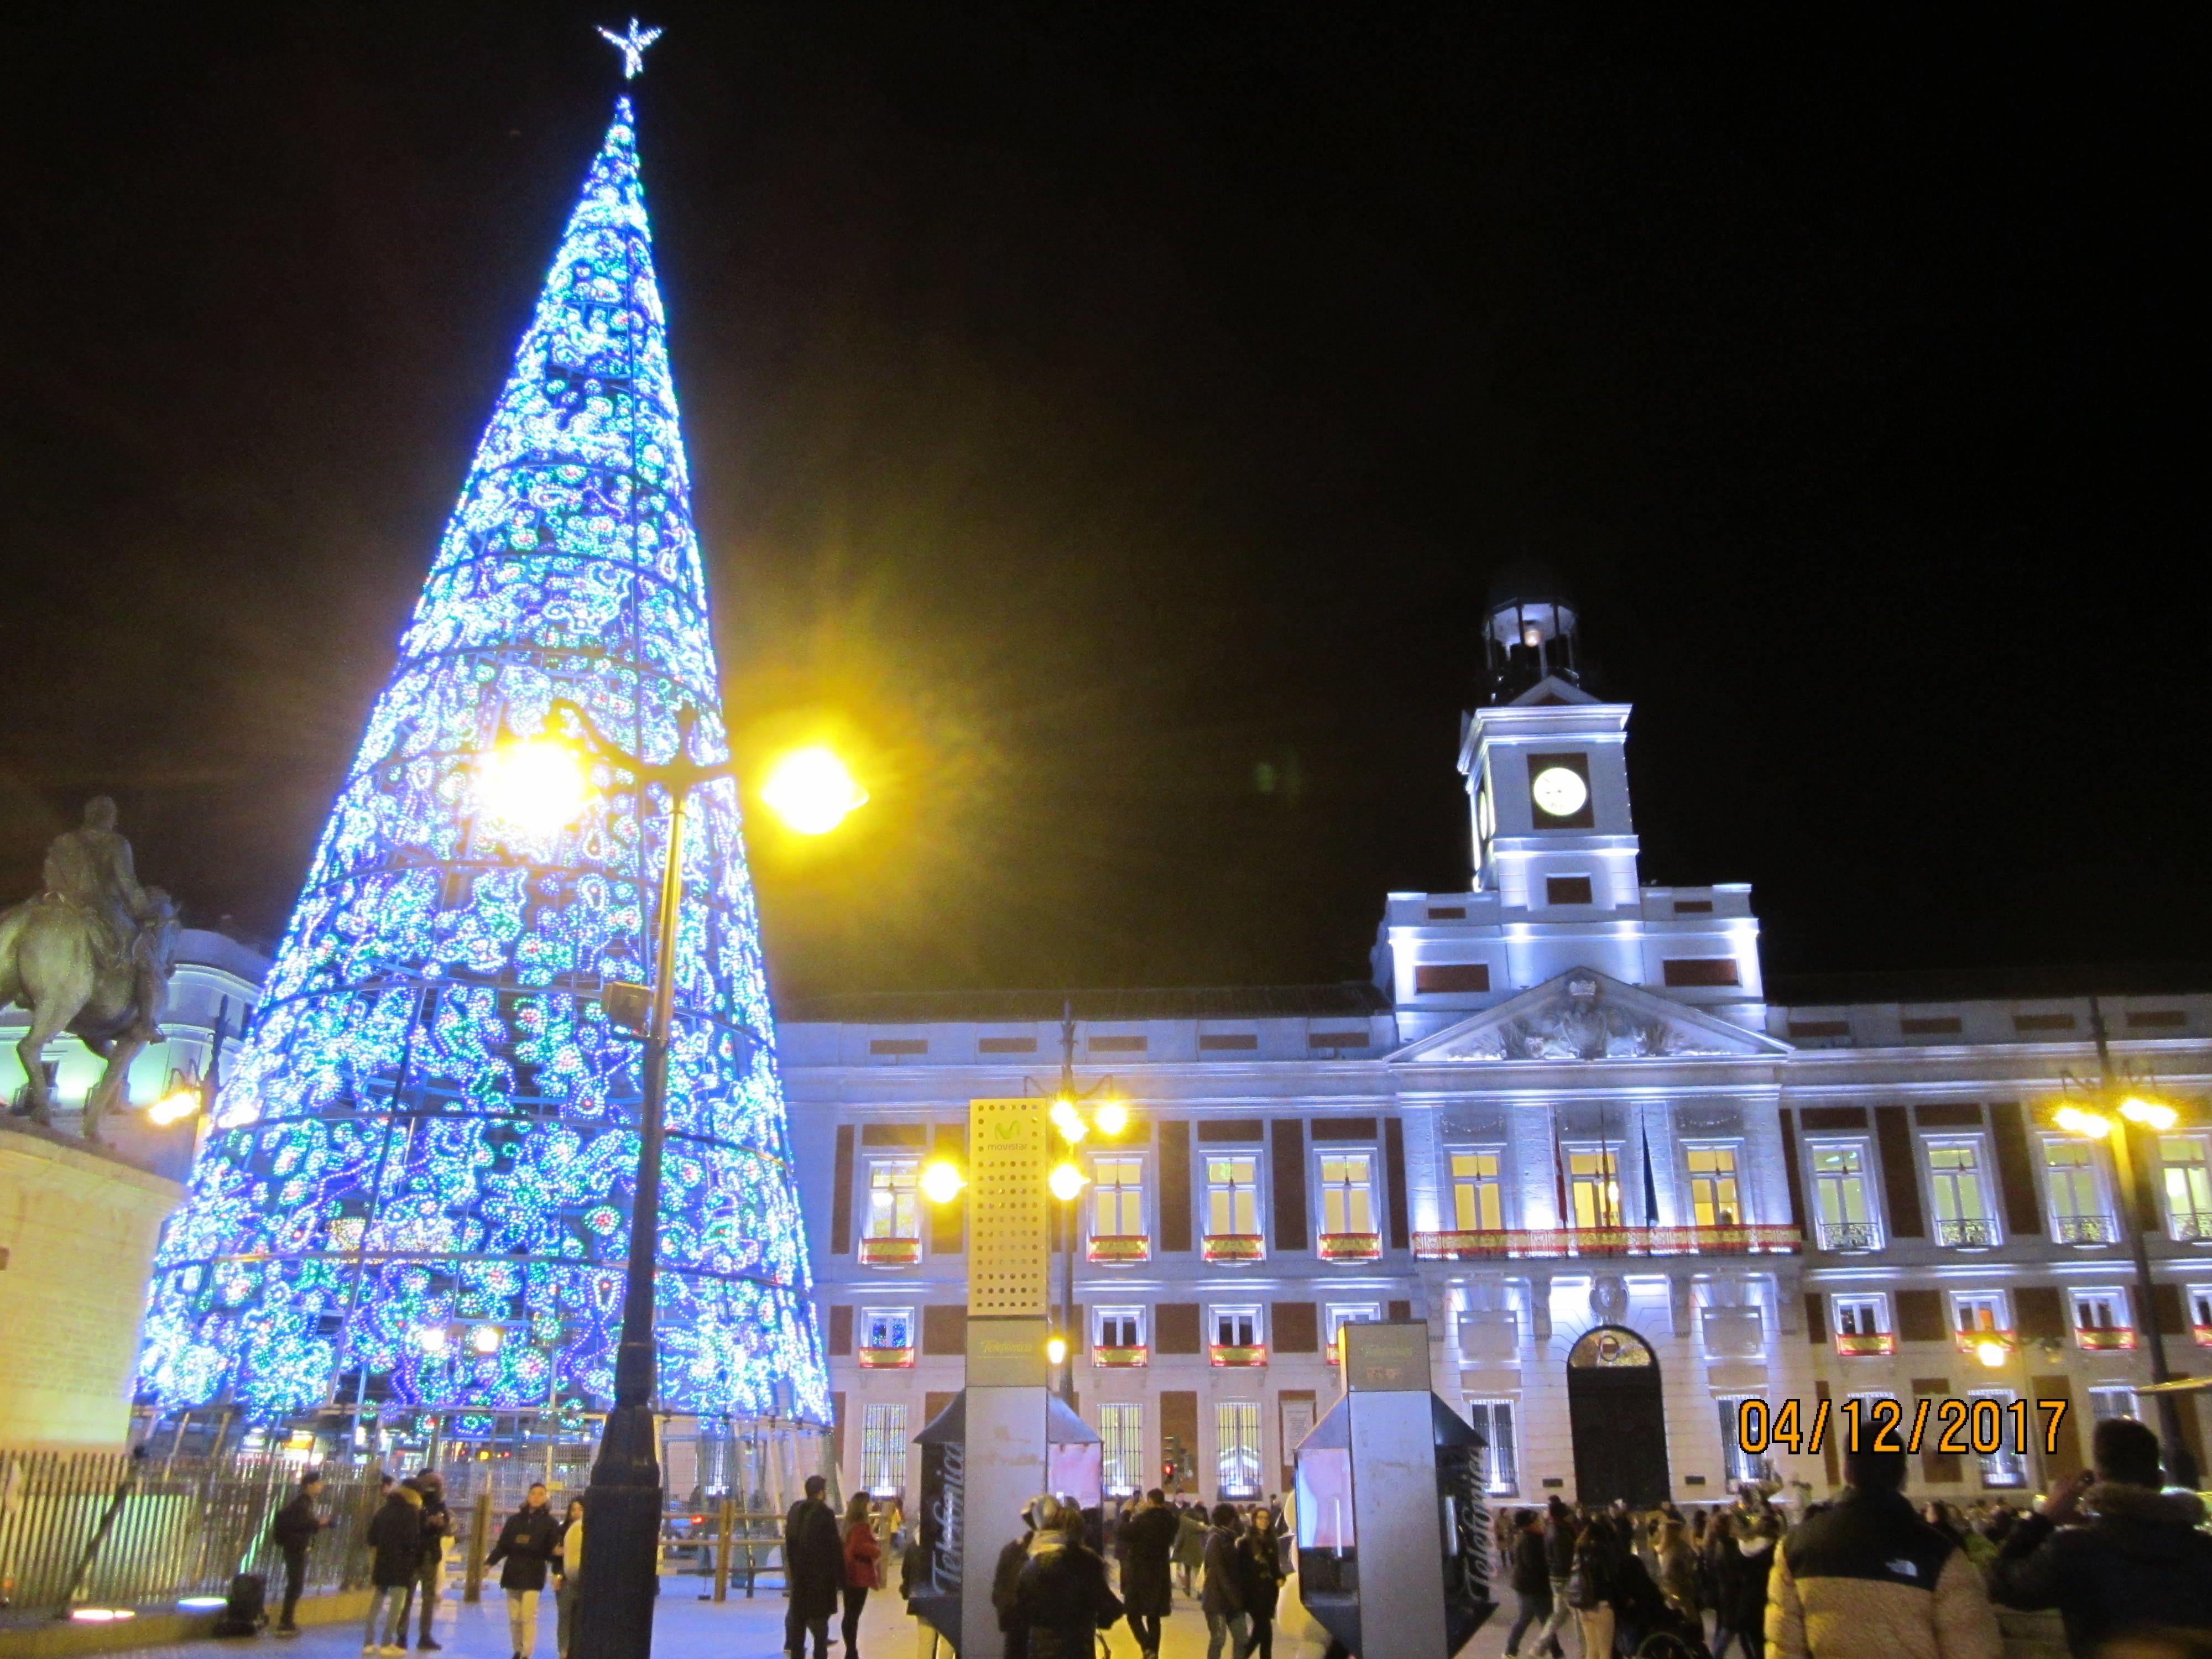 Madrid iluminaci n navide a 2017 puerta del sol for Puerta del sol 2017